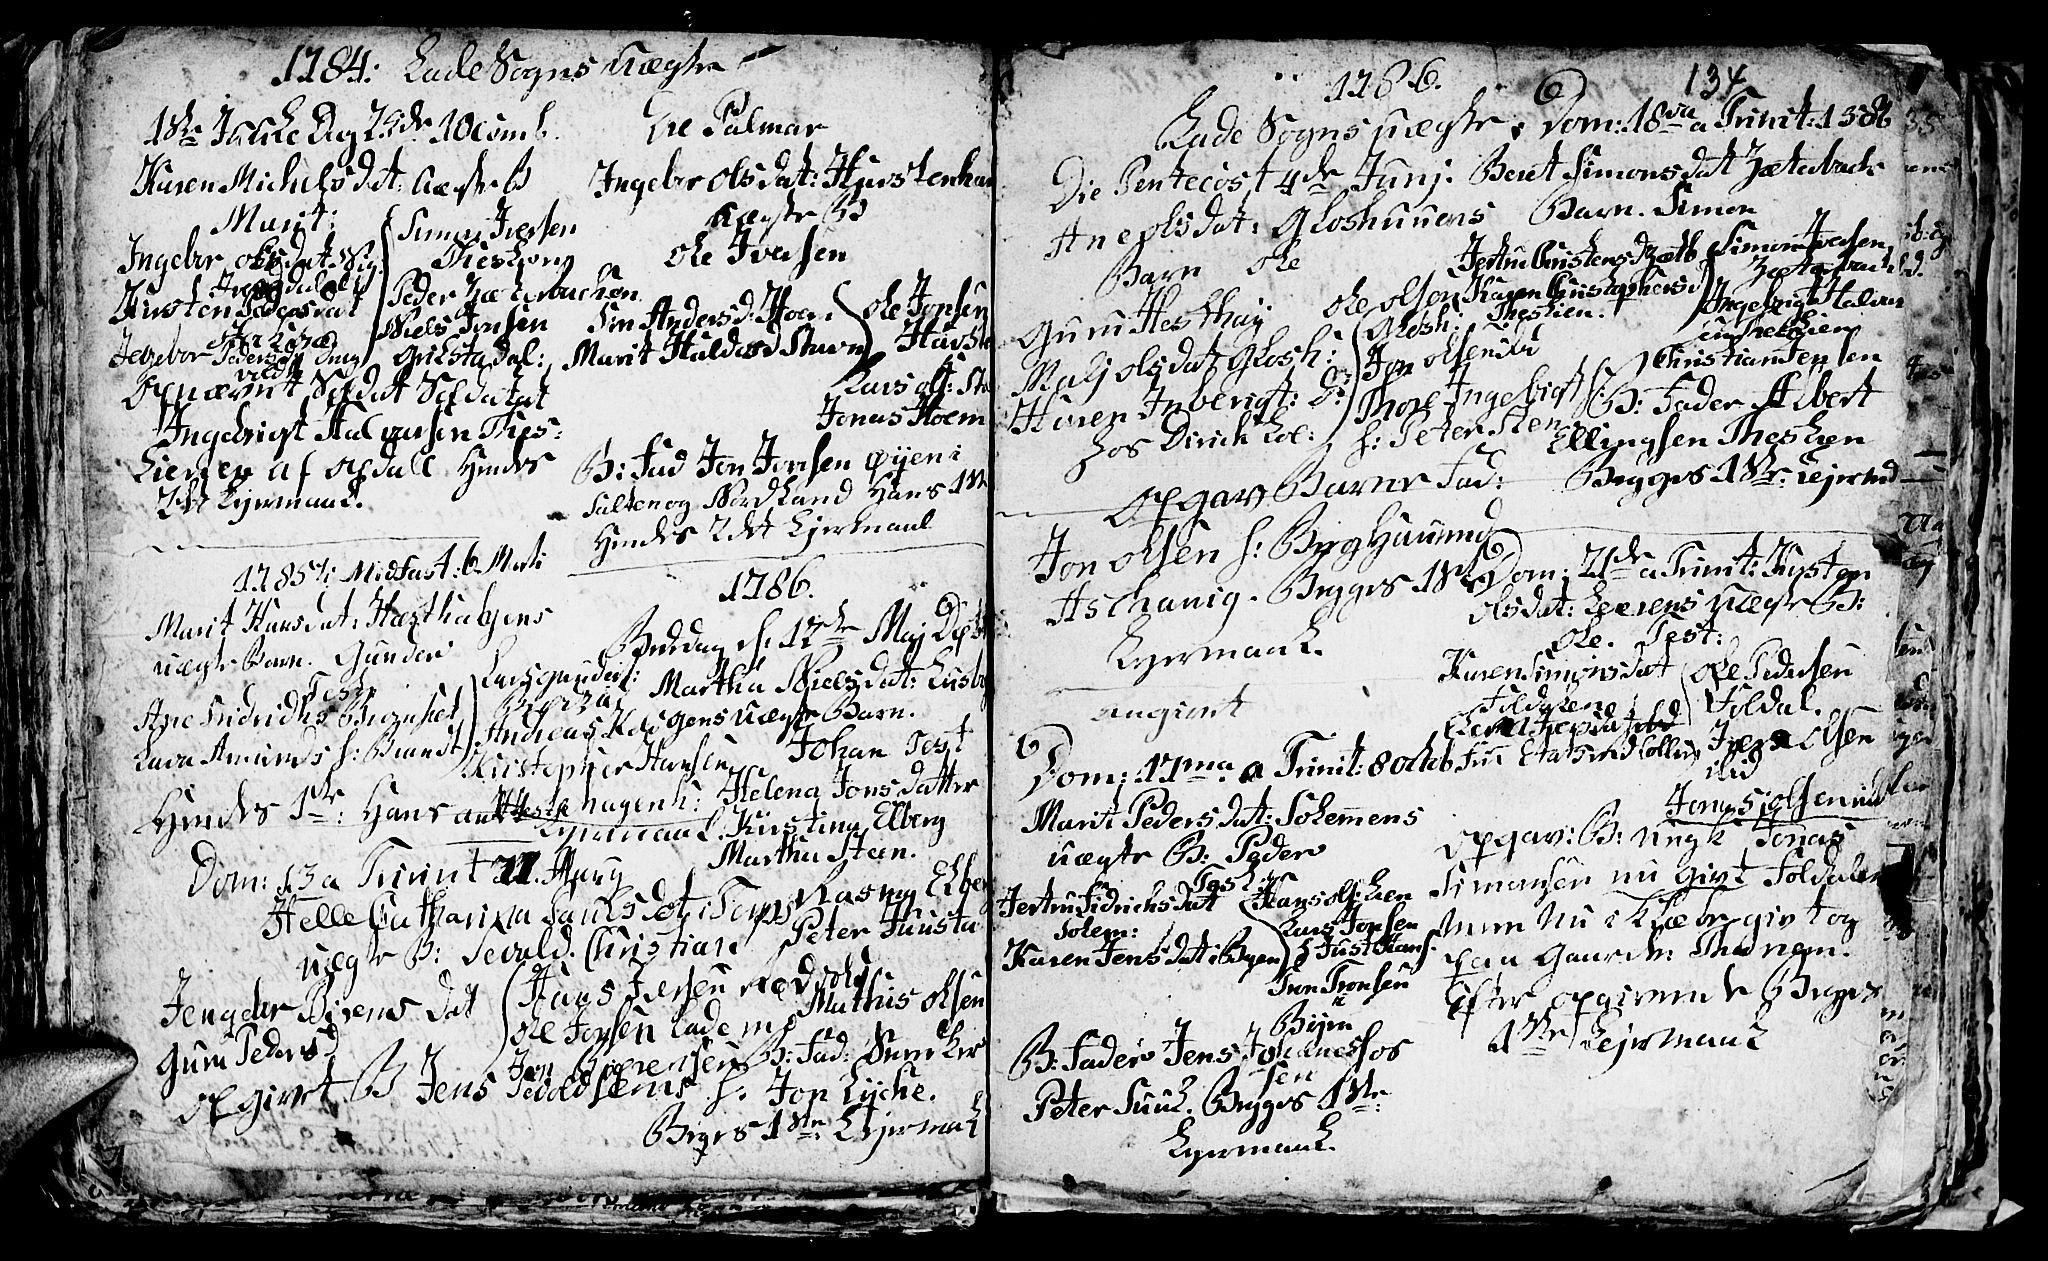 SAT, Ministerialprotokoller, klokkerbøker og fødselsregistre - Sør-Trøndelag, 606/L0305: Klokkerbok nr. 606C01, 1757-1819, s. 134